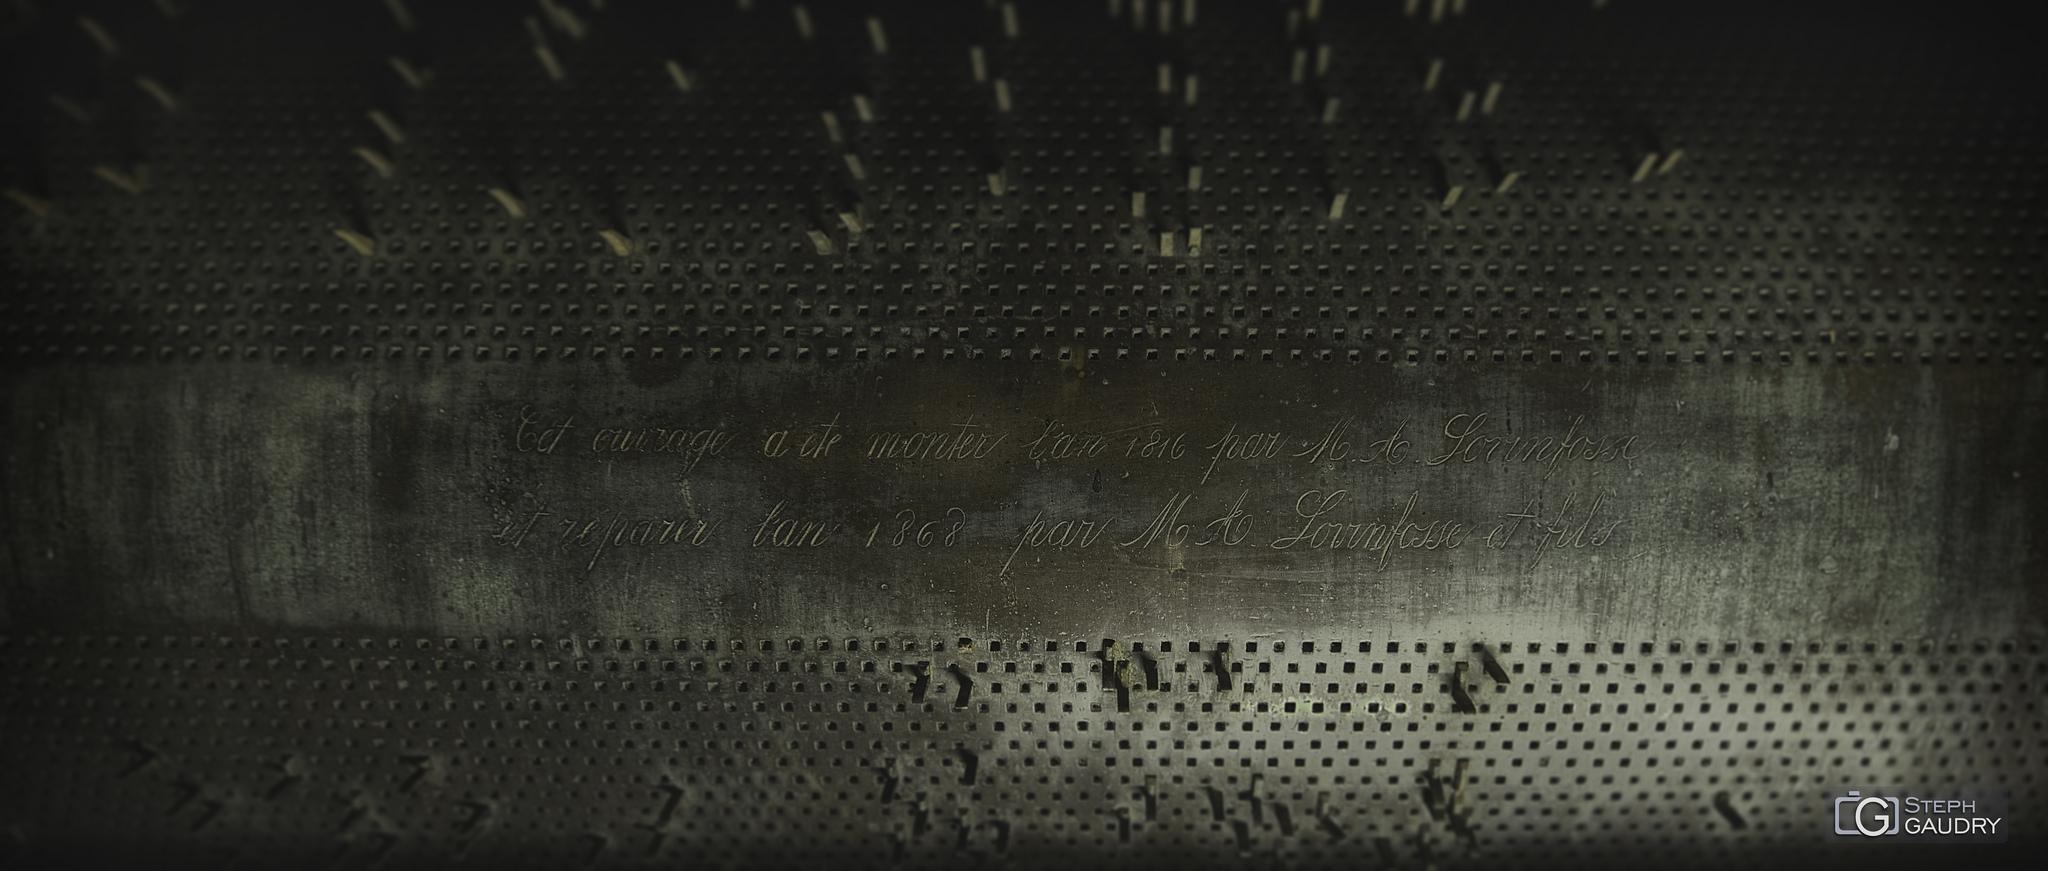 Tambour programmable du carillon de Saint-Barthélemy [Cliquez pour lancer le diaporama]